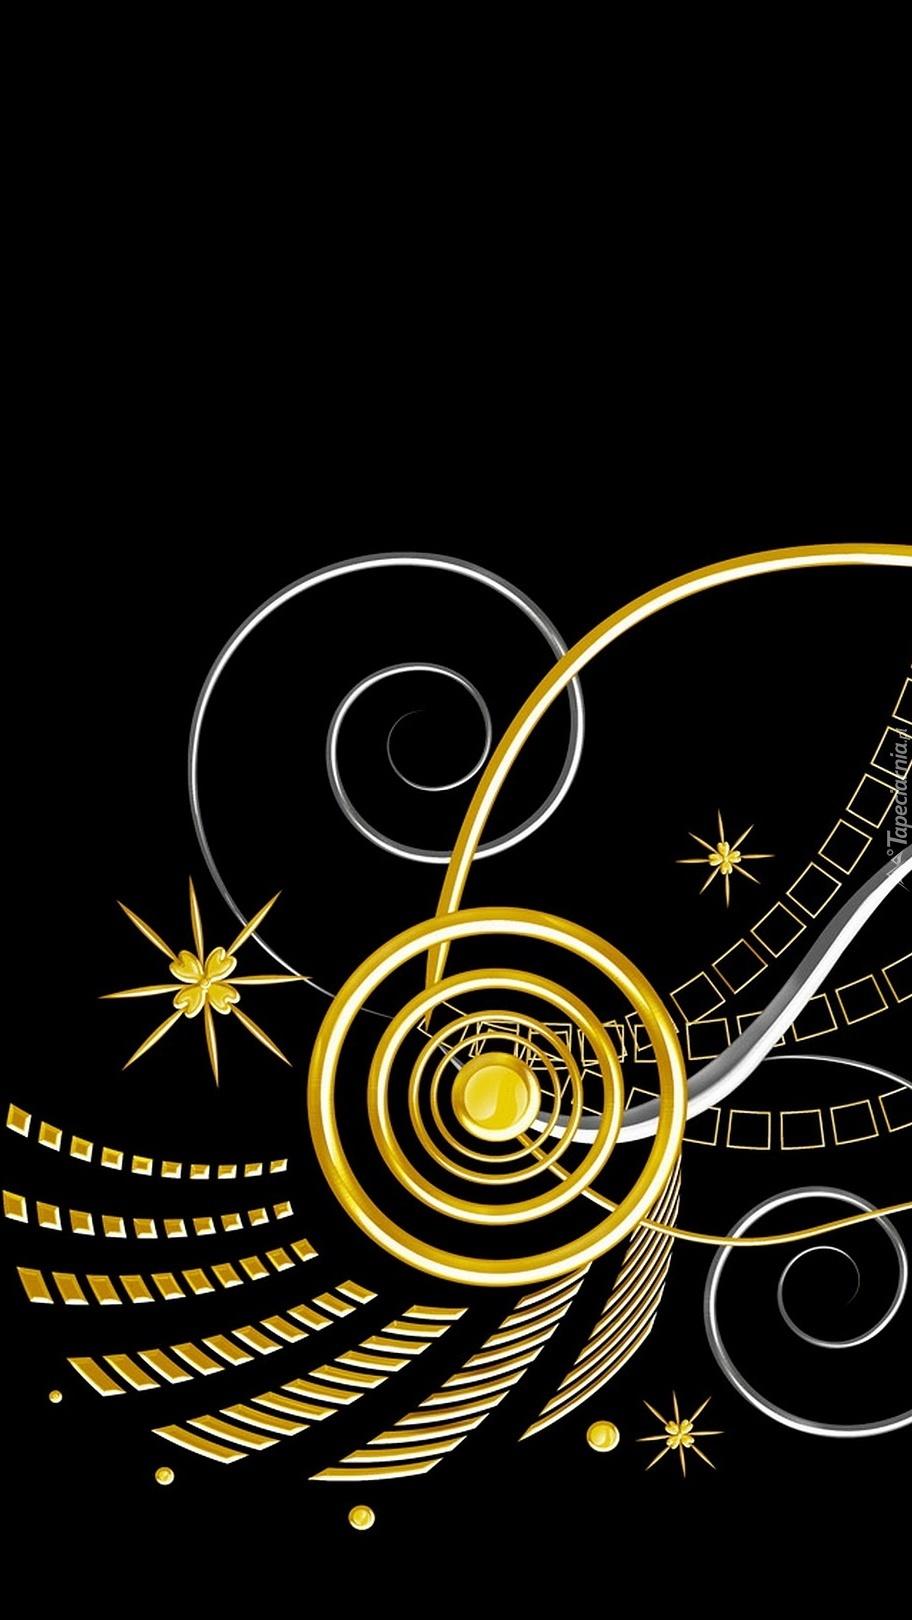 Złote wzory w abstrakcji